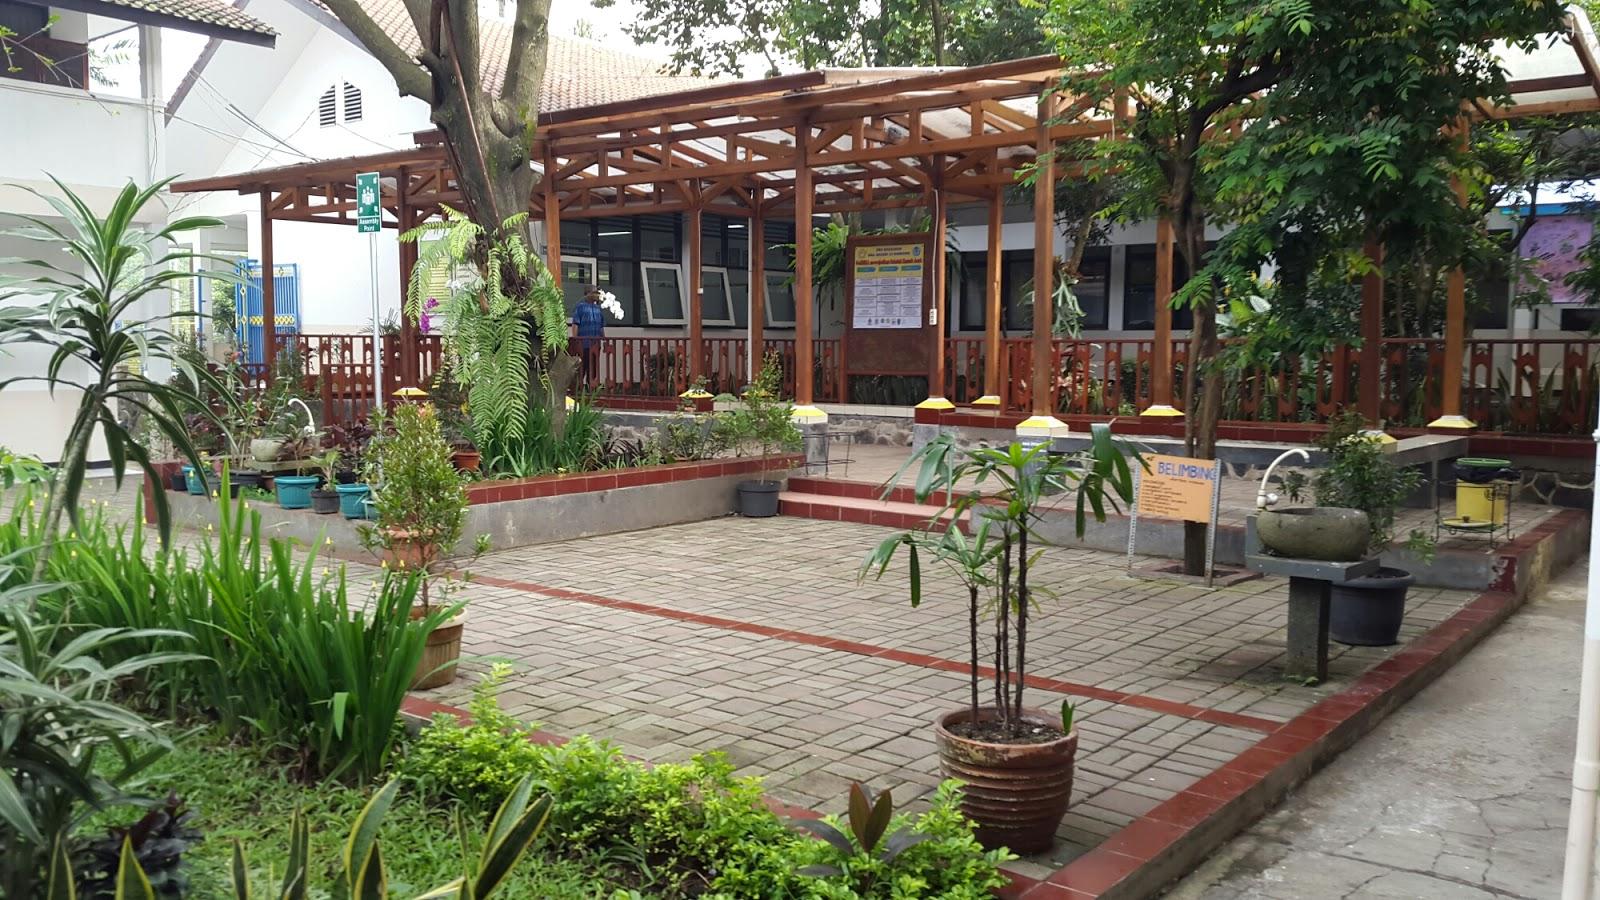 Desain Taman Minimalis Di Sekolah Arsitekhom